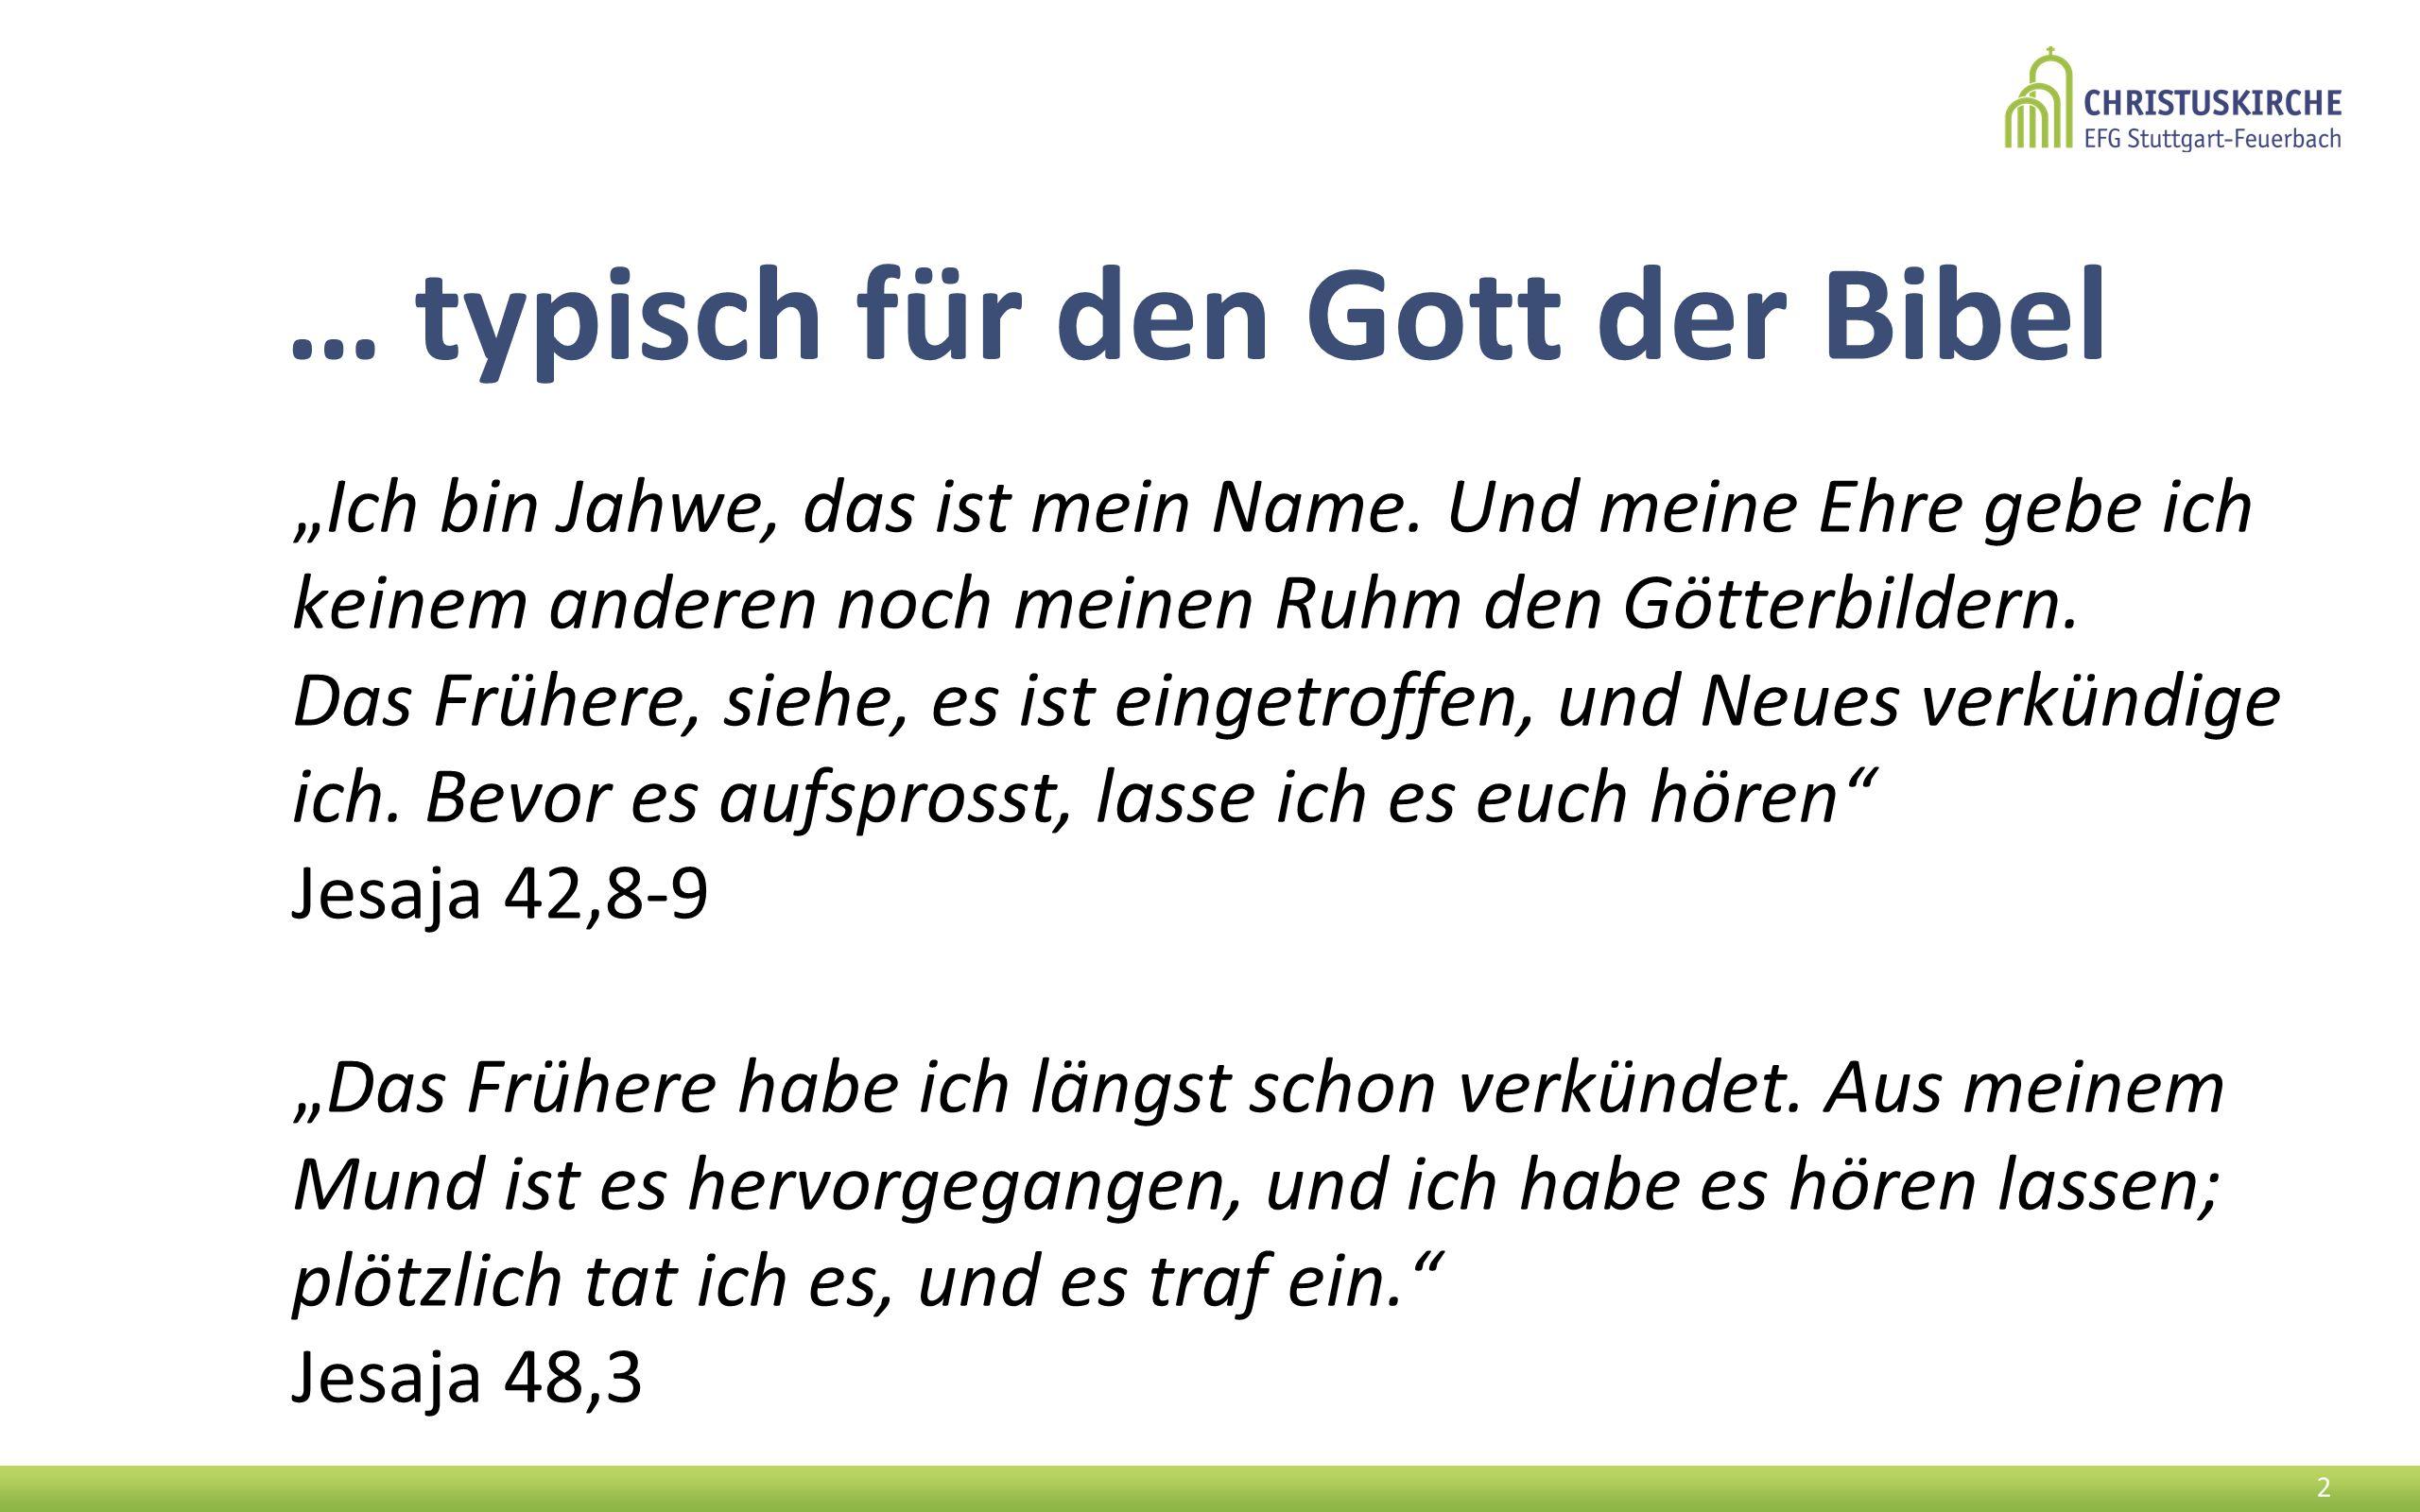 … typisch für den Gott der Bibel